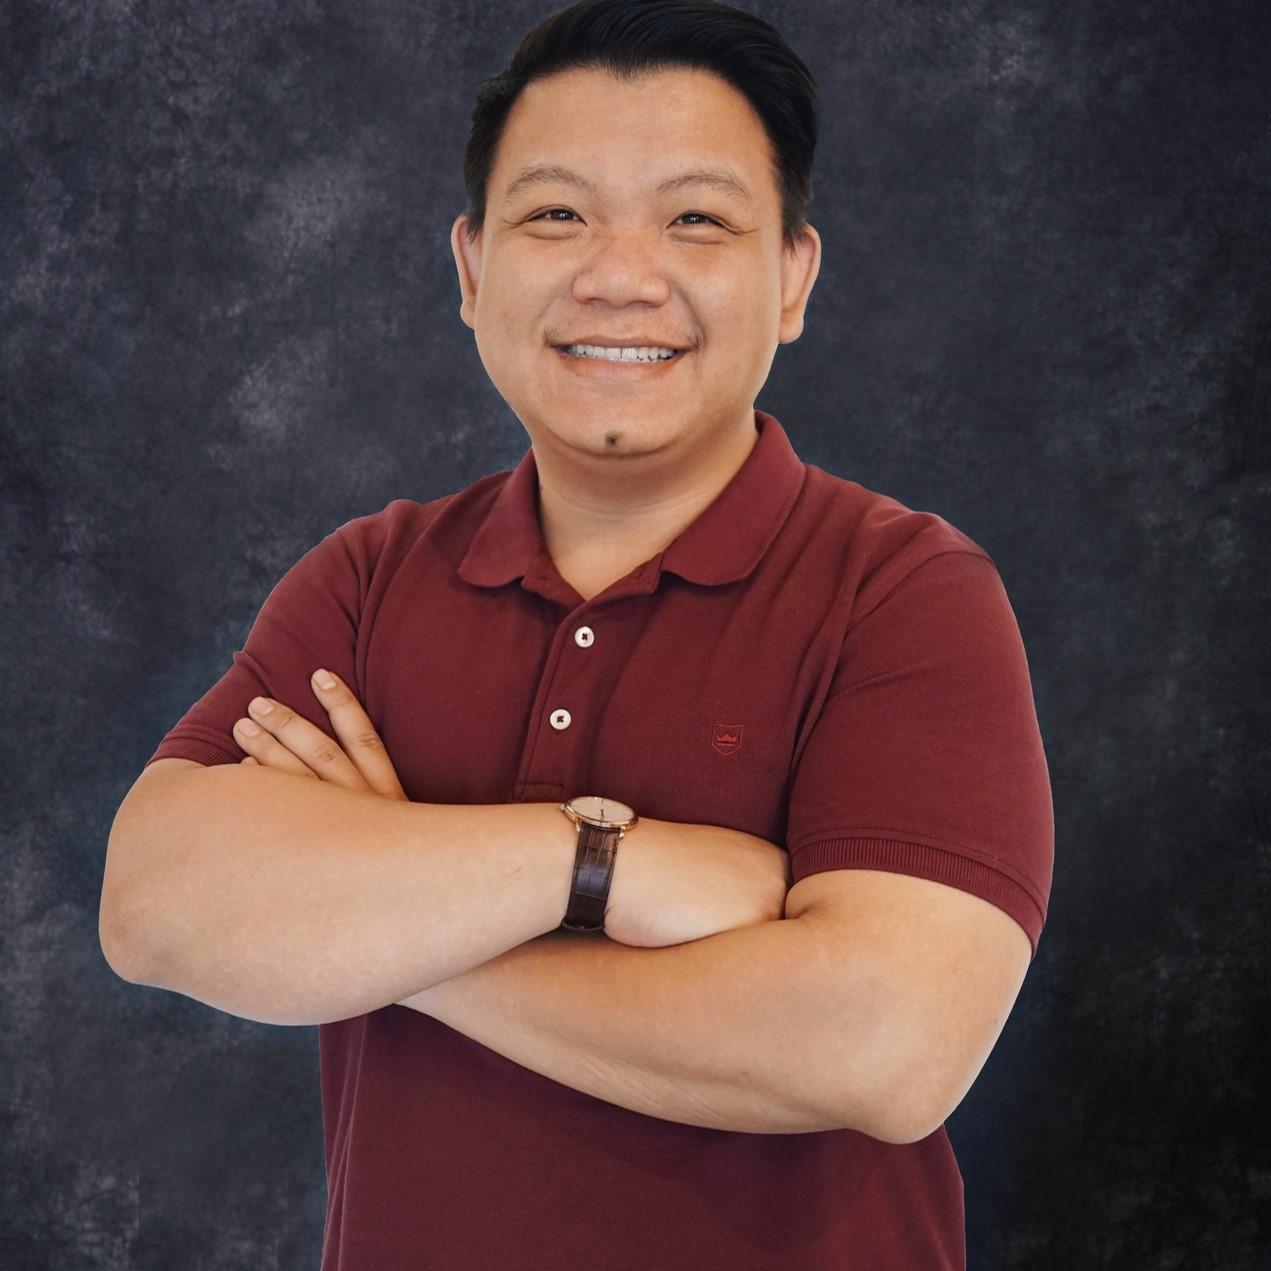 Nguyễn Minh Phúc